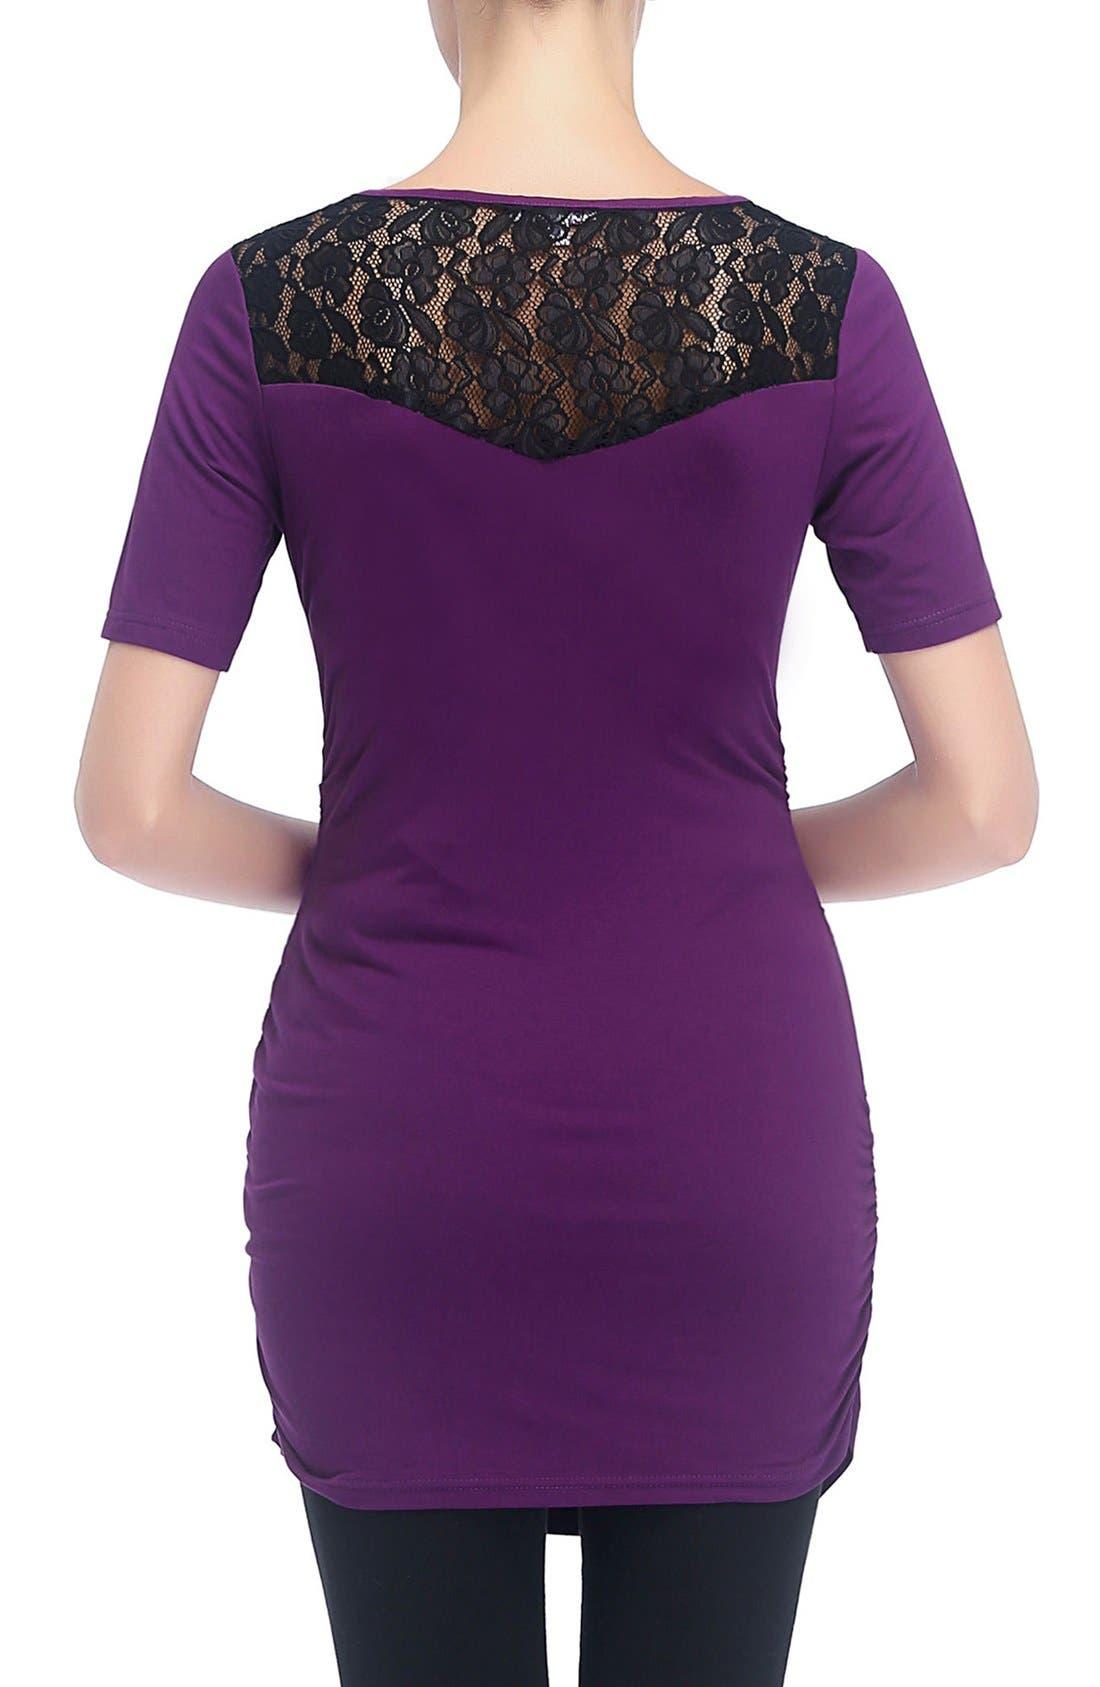 'Alden' Floral Lace Jersey Maternity Top,                             Alternate thumbnail 3, color,                             Purple